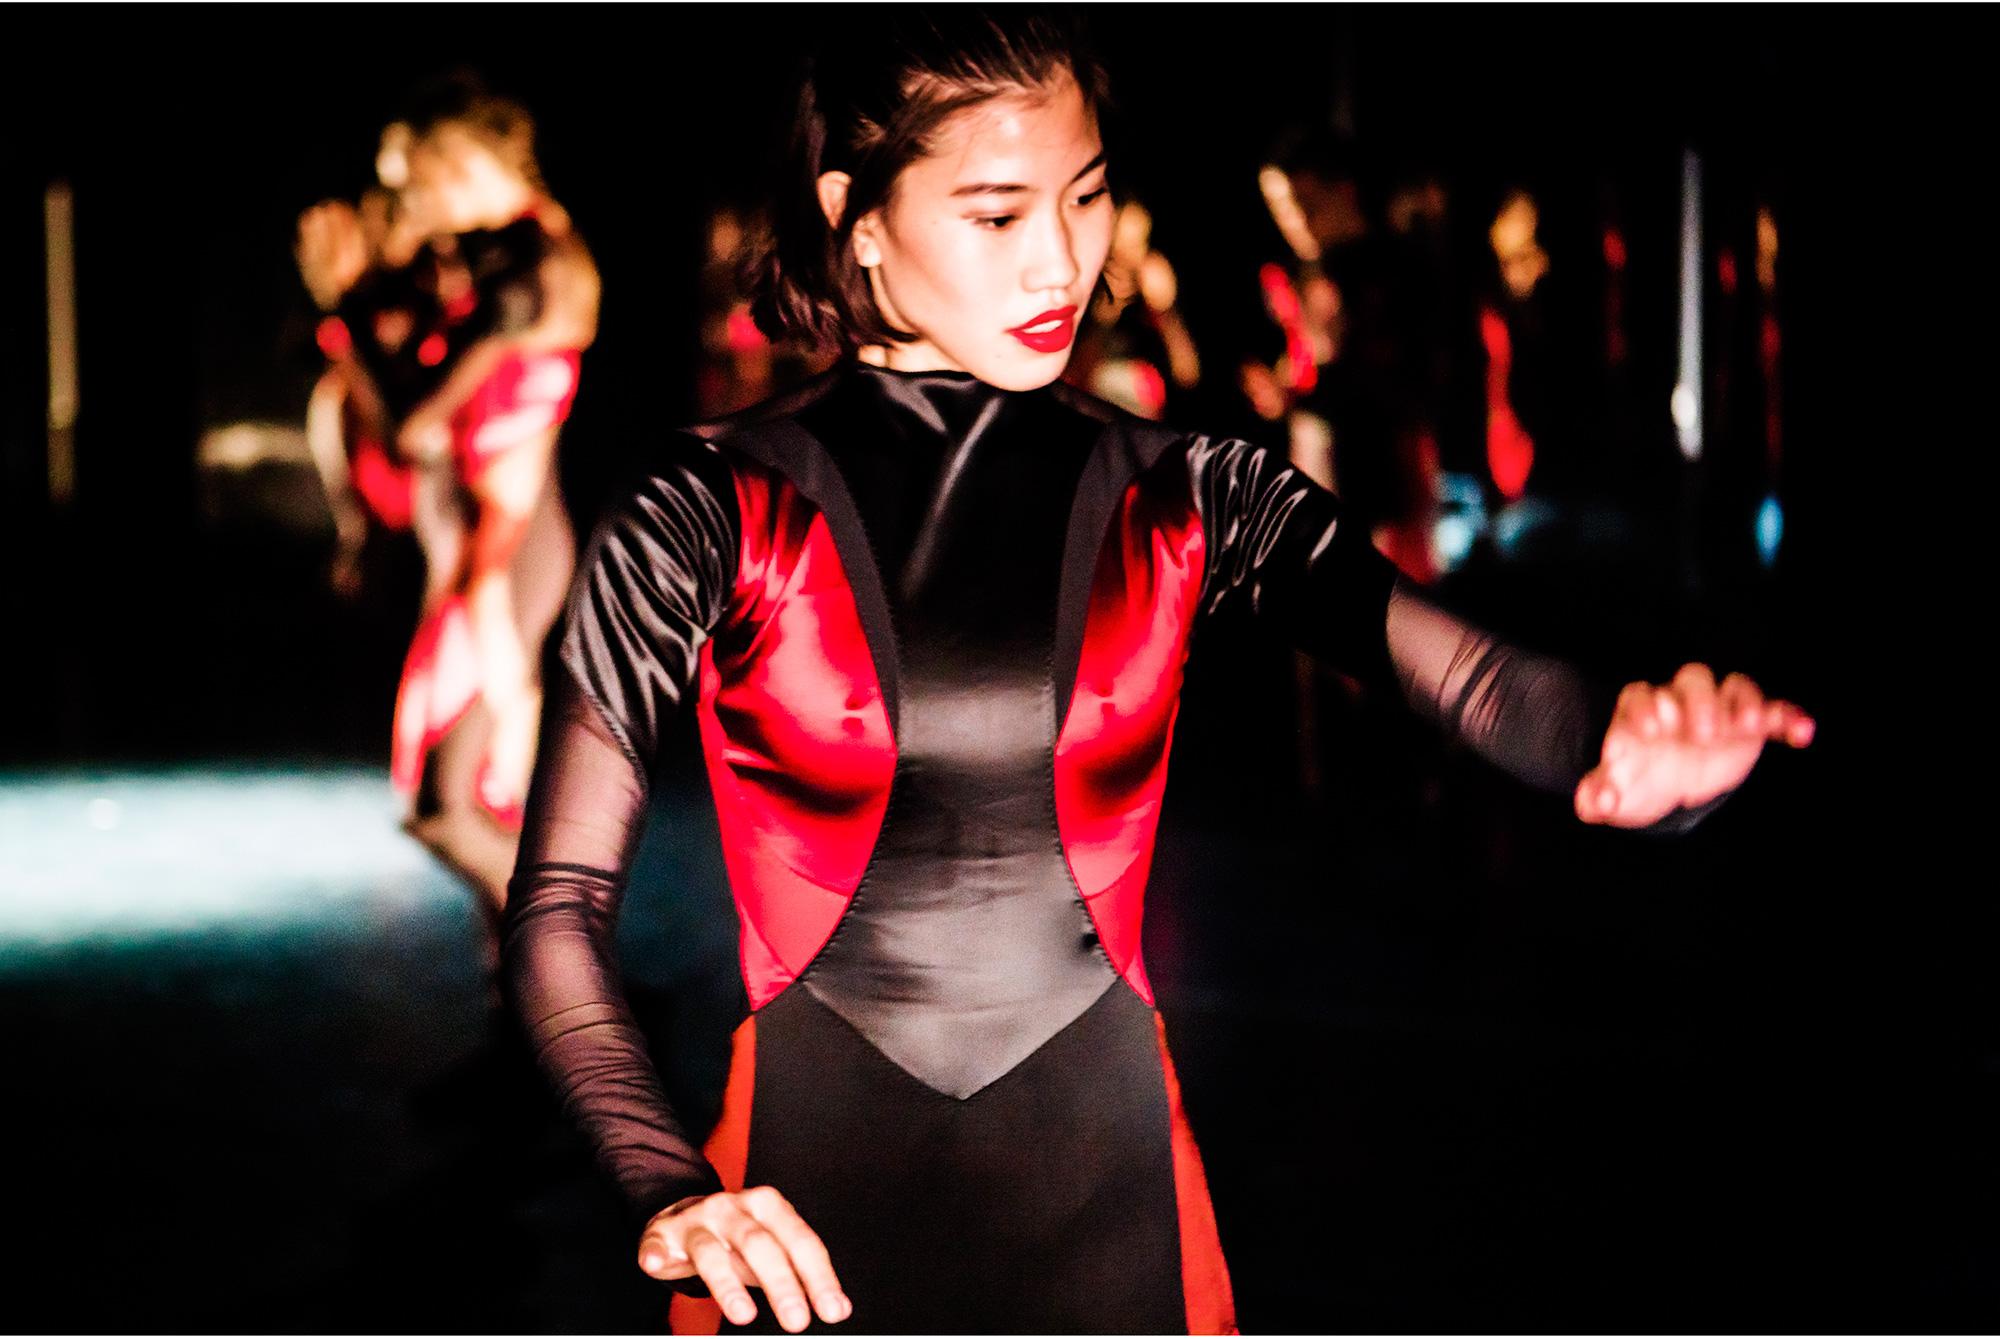 TWOOLS - Scapino Ballet Rotterdam & Joeri Alexander Dubbe (in beeld Sana Sasaki)